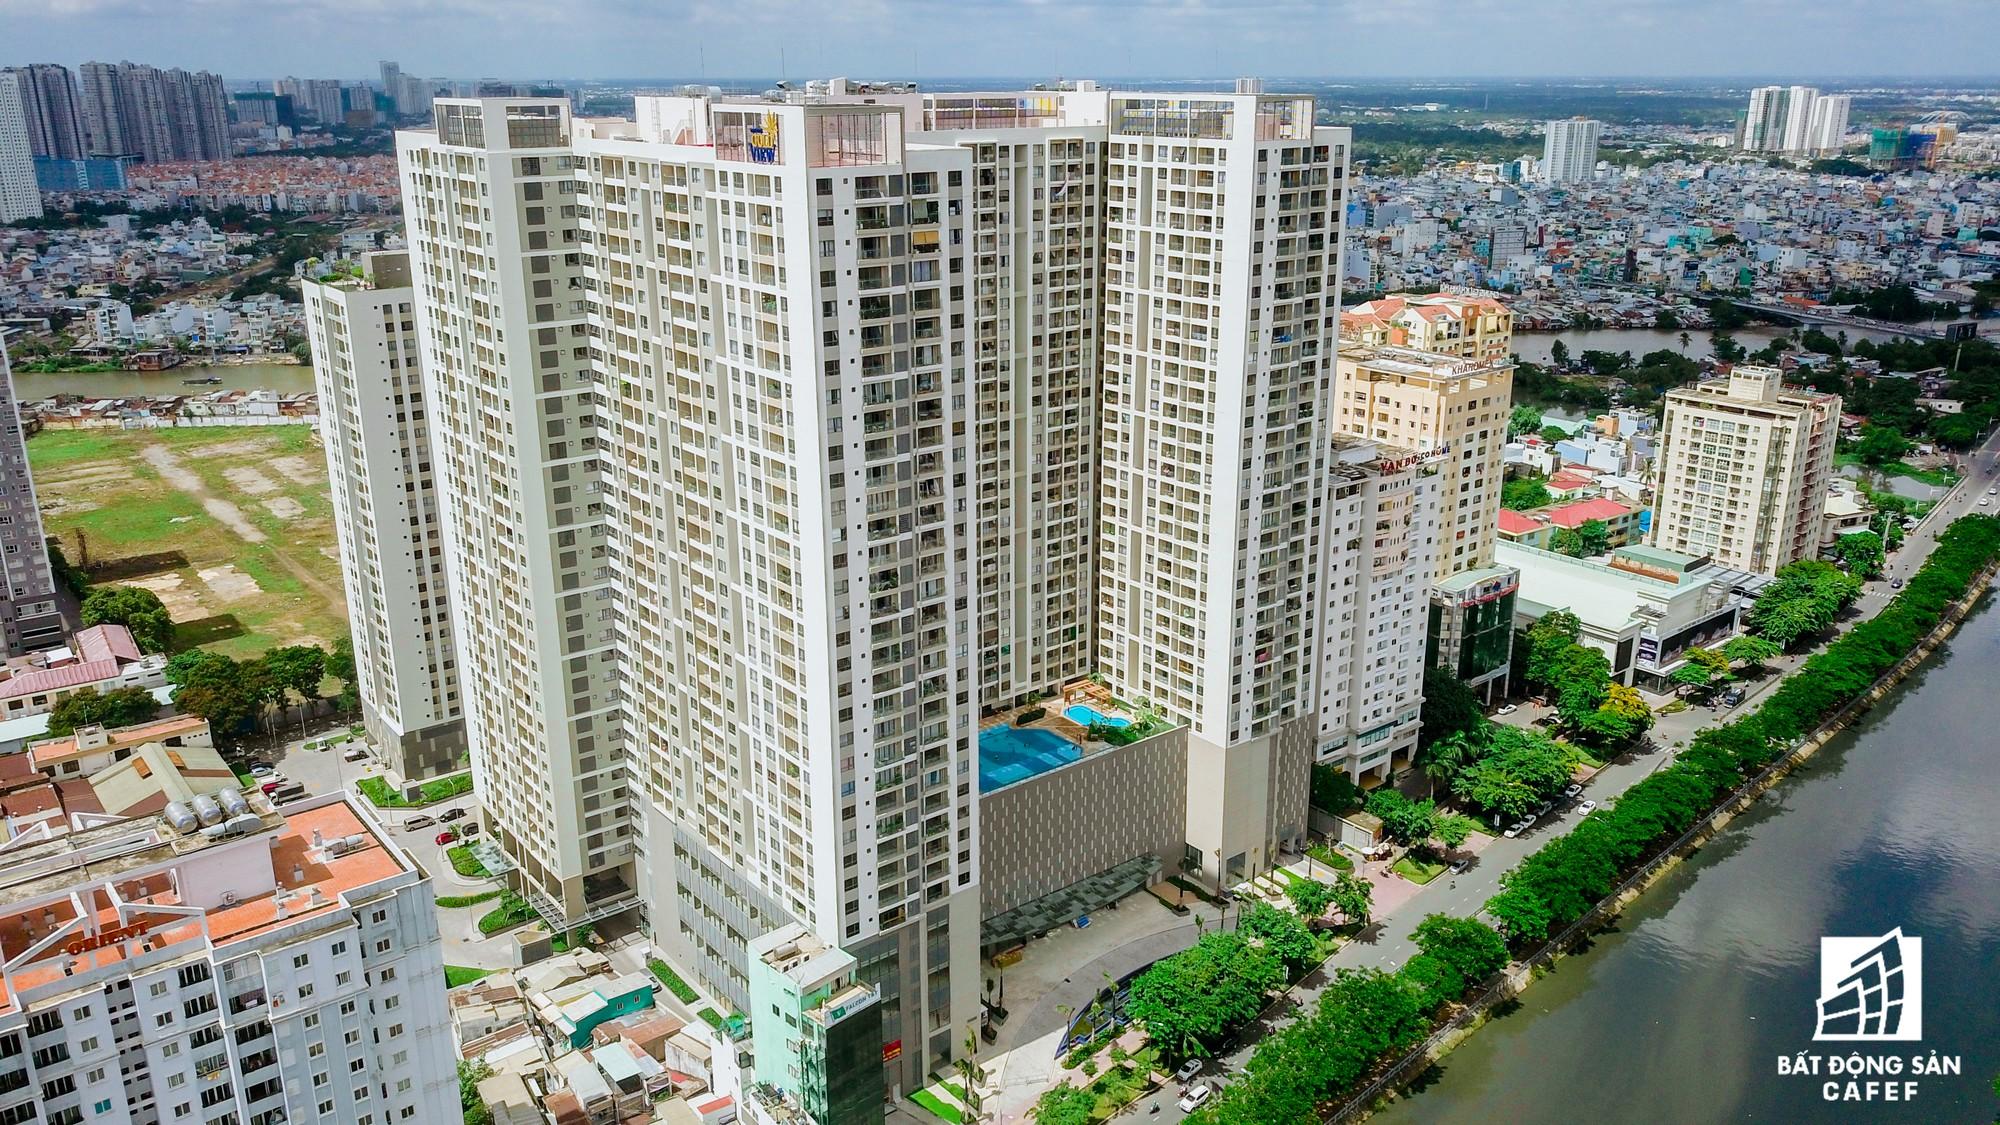 Khan hiếm nguồn cung, nhà đất Bến Vân Đồn Sài Gòn thiết lập mặt bằng giá mới - Ảnh 9.